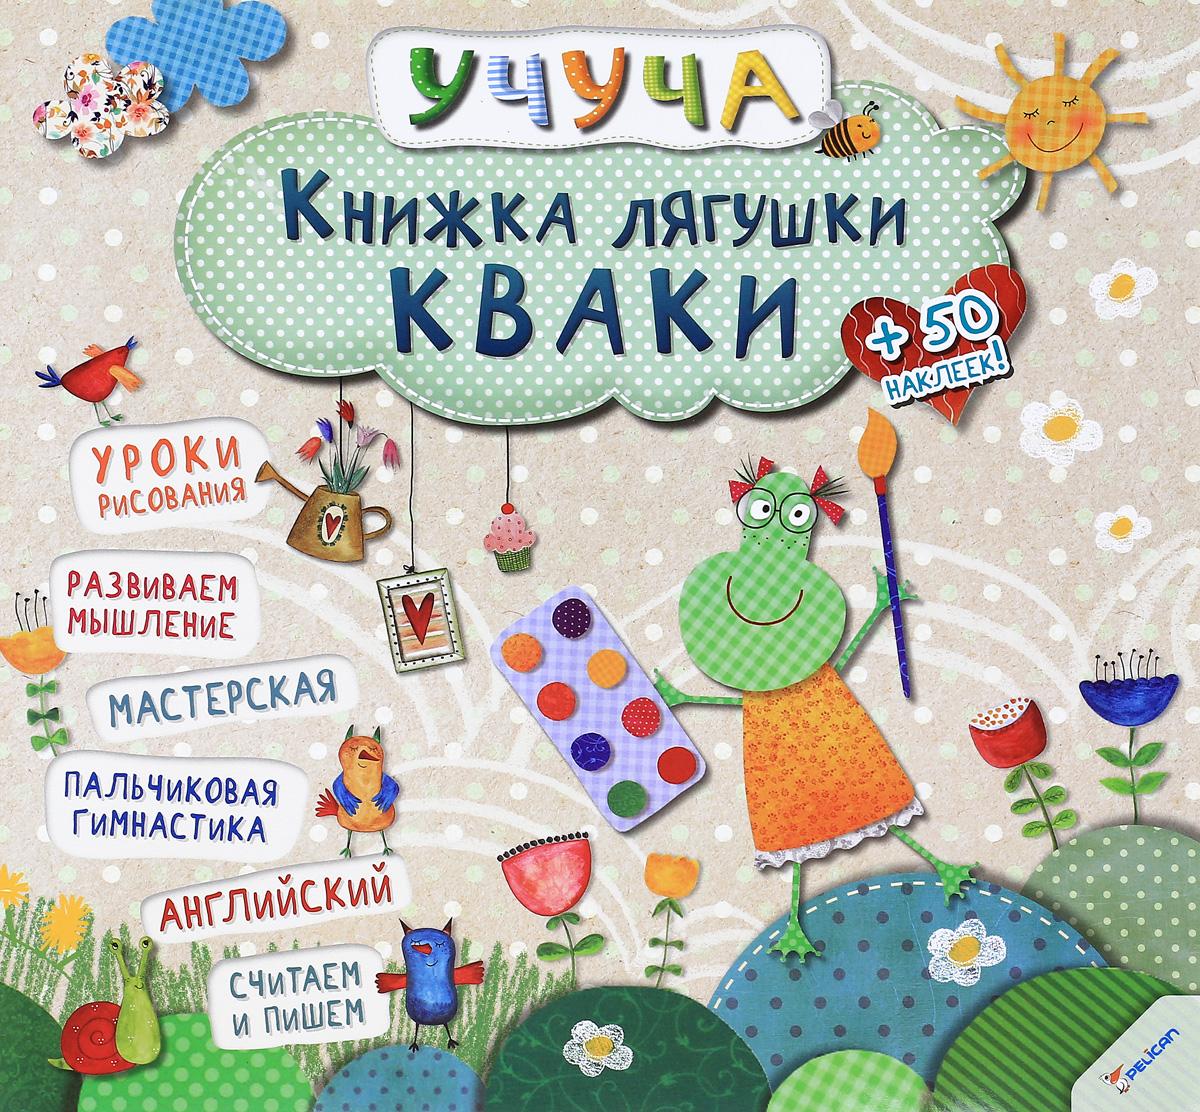 Книжка лягушки кваки 3+ (р) knigosfera.com.ua.